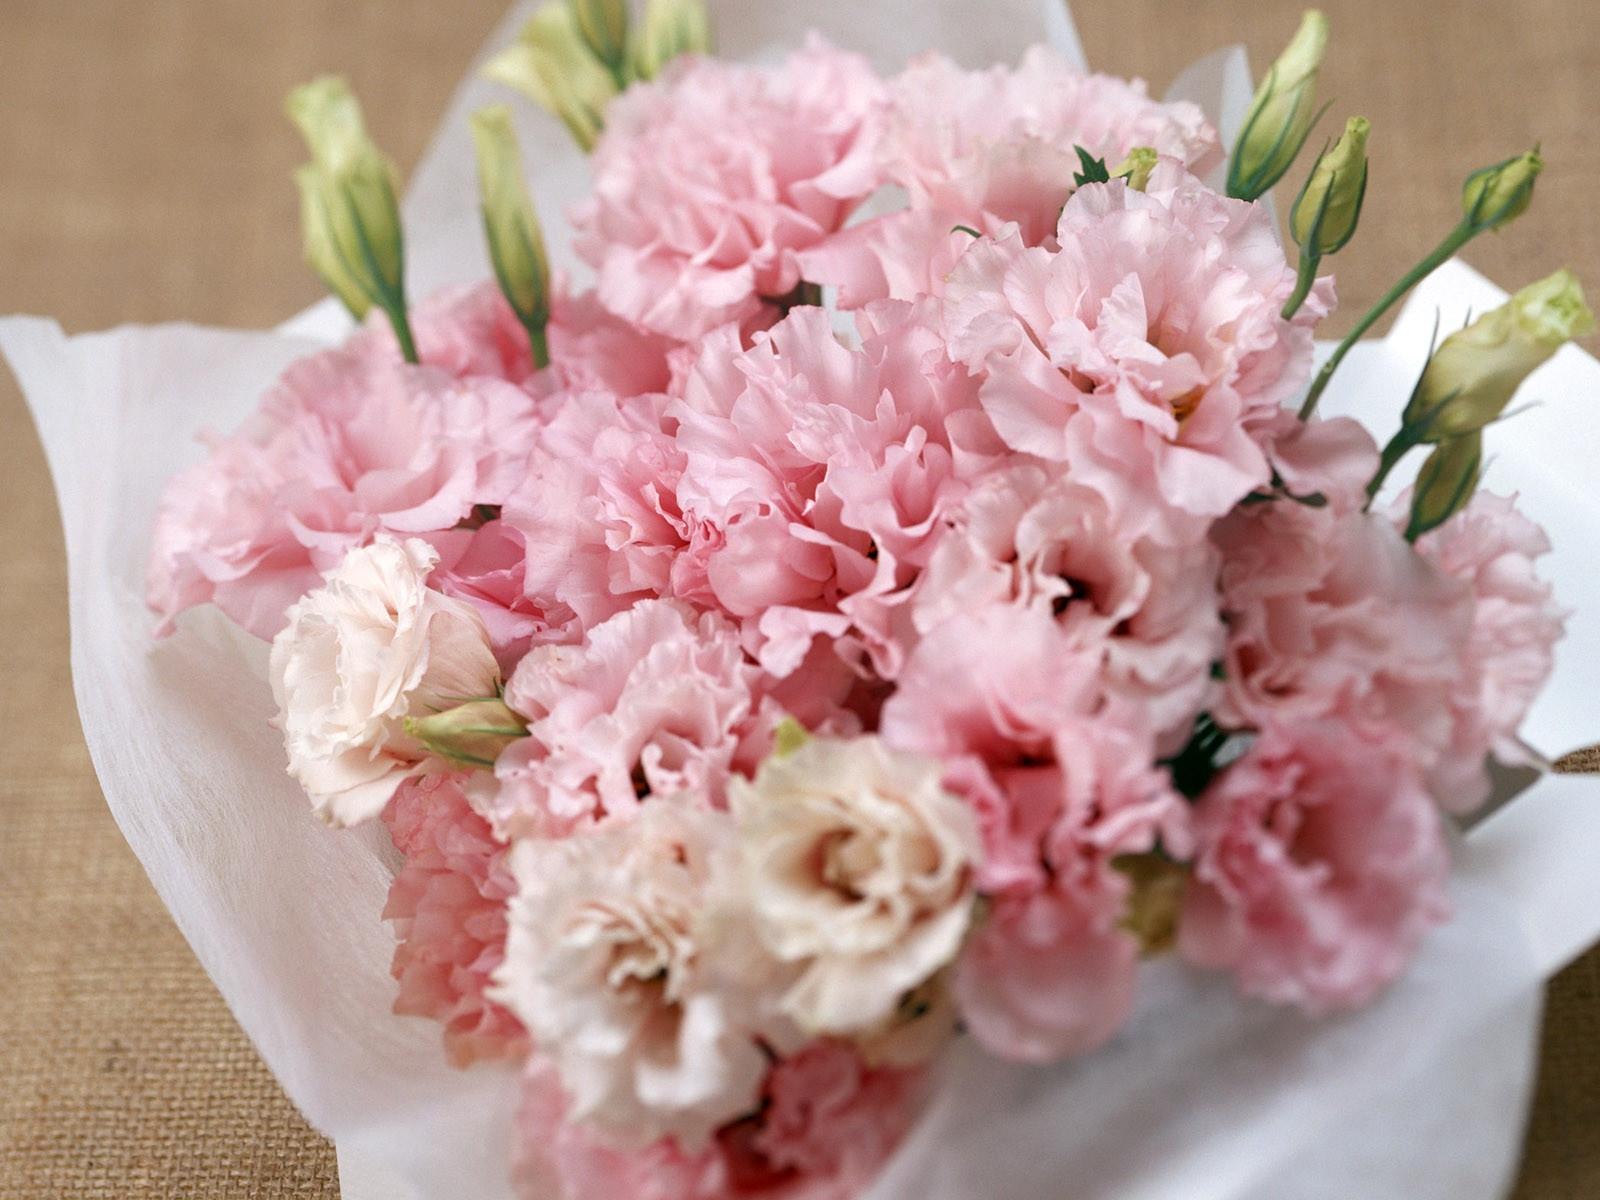 Картинки с красивым букетом цветов гвоздики, воссоединение крыма